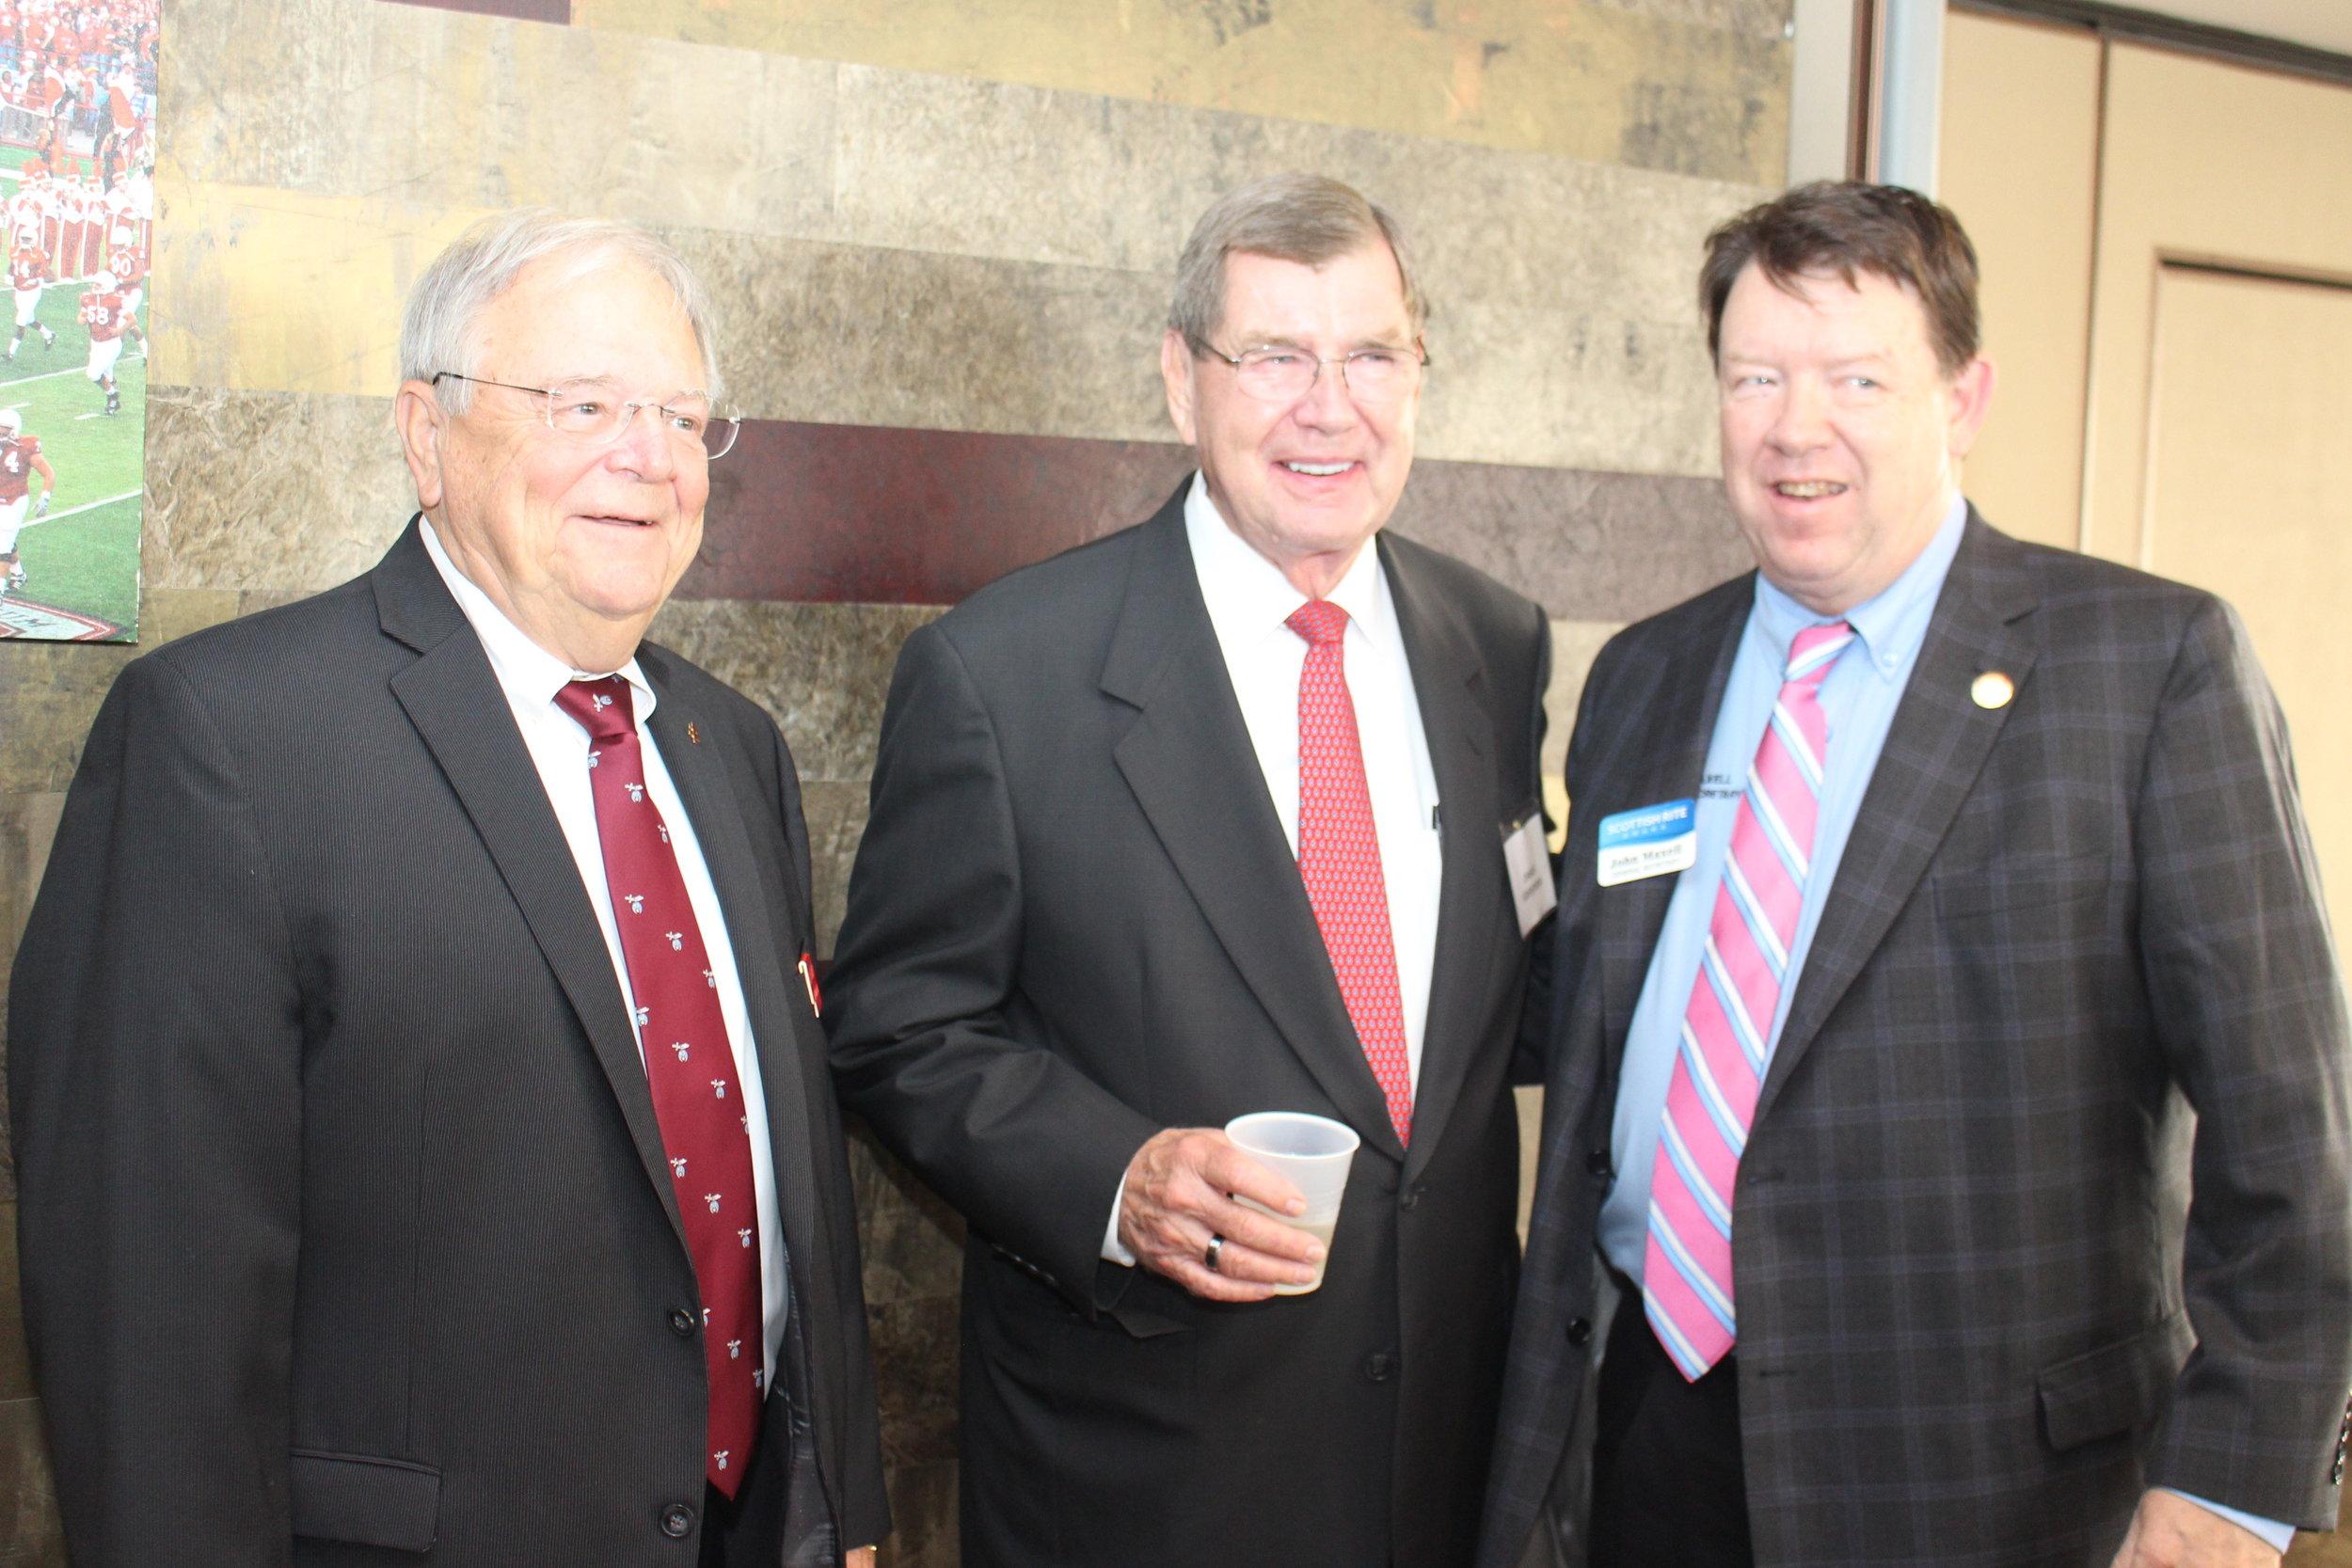 Banquet Recognizes 33° Scottish Rite Masons at Lincoln's Nebraska